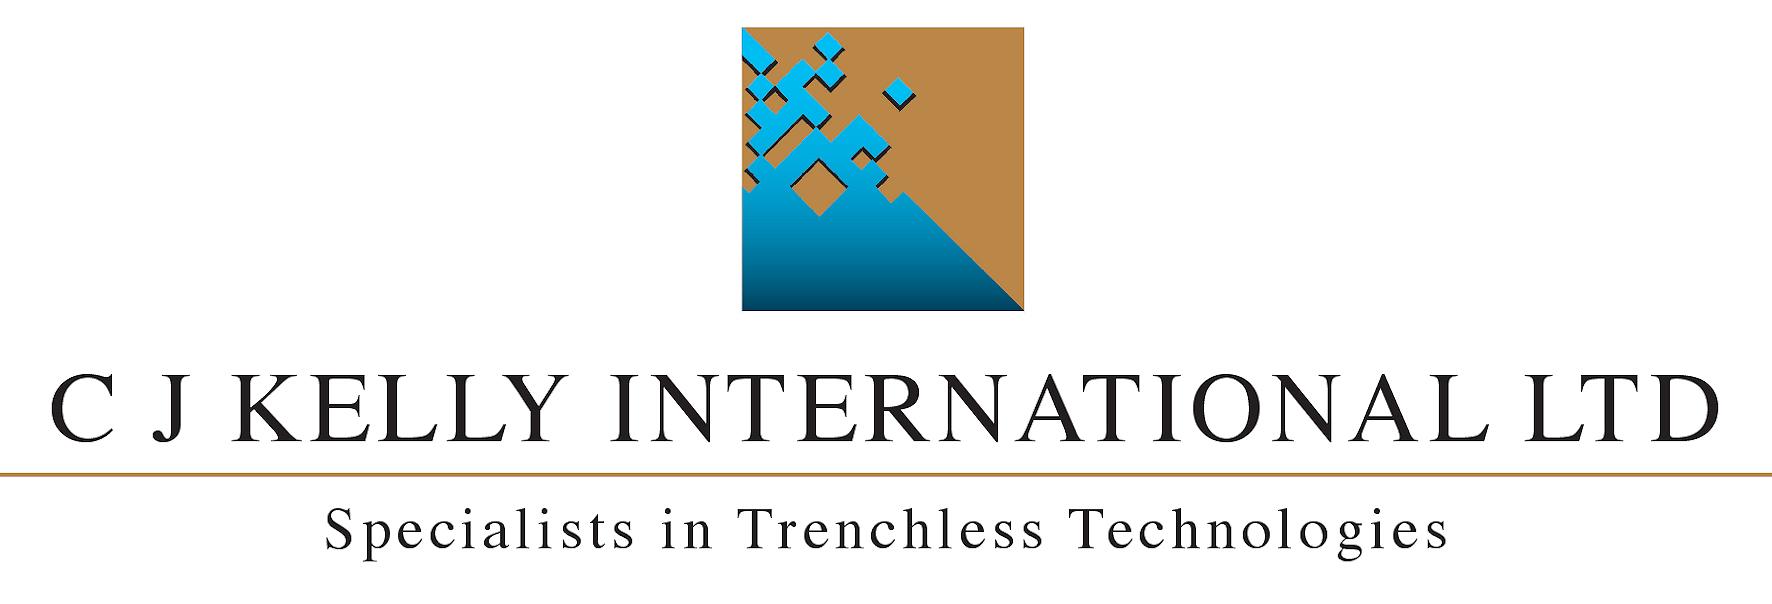 CJK-New-Int-Logo-2019